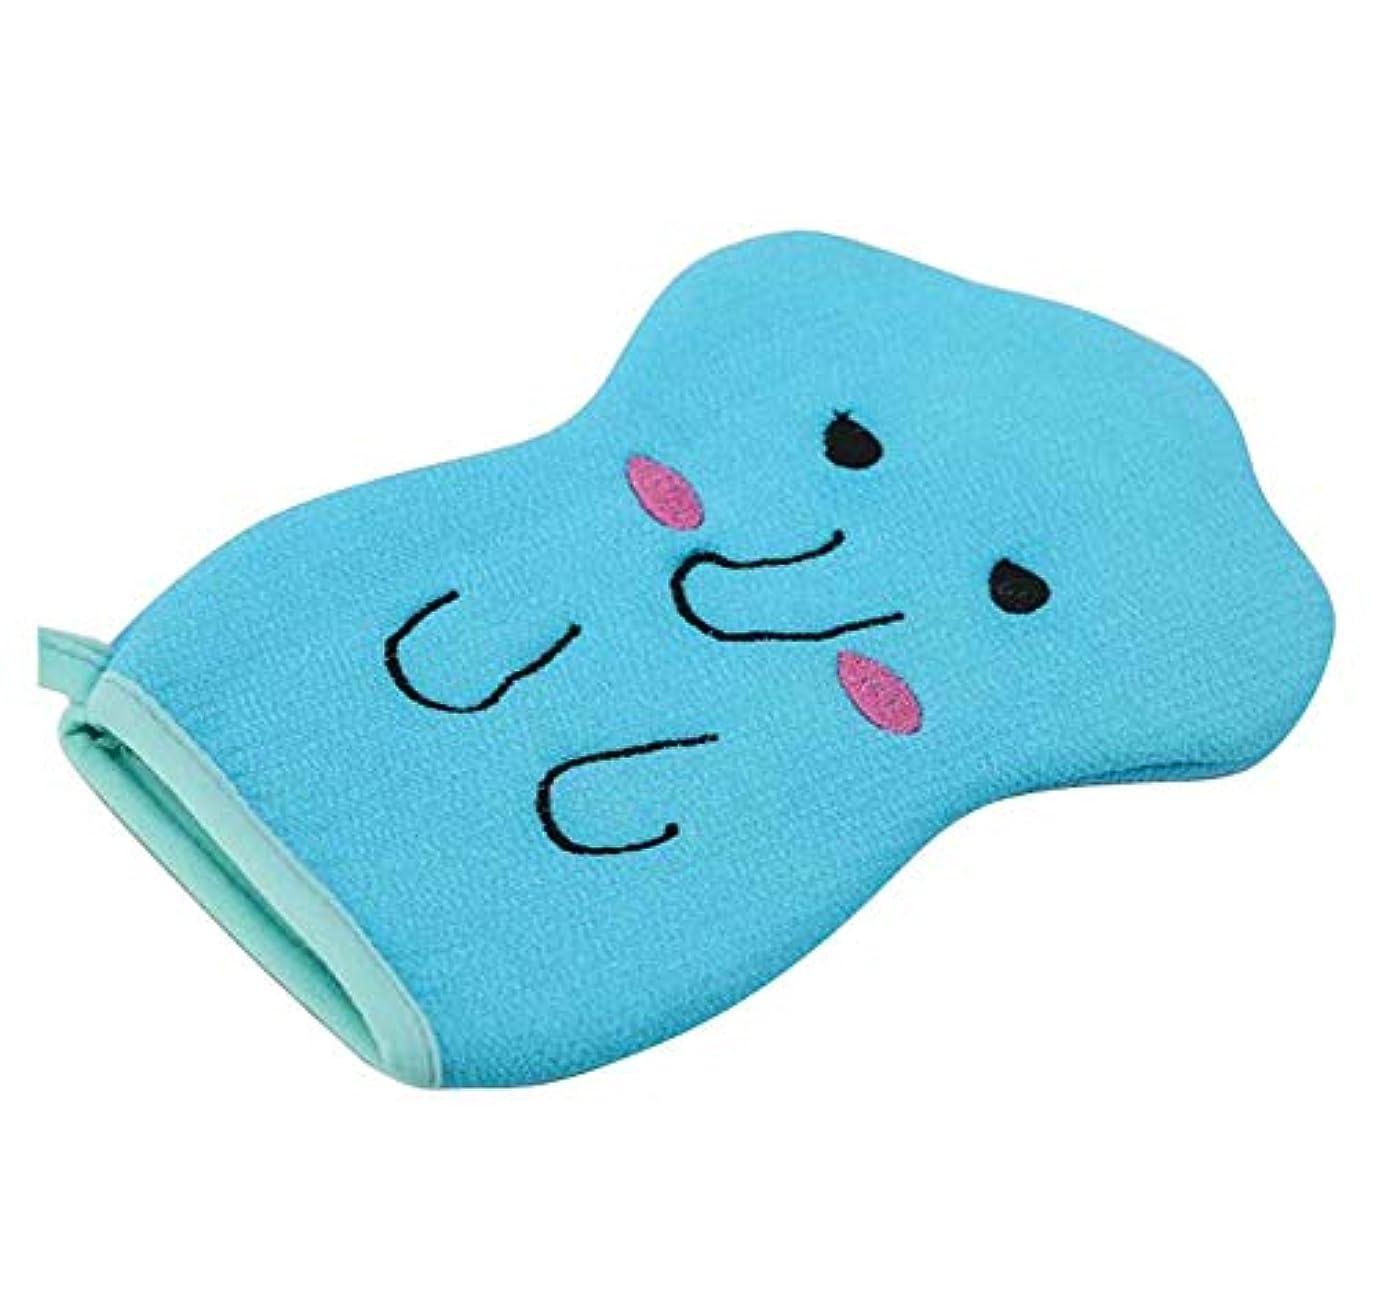 要塞磁器フェザー子供用バスタオル、赤ちゃんかわいい漫画の角質除去バス手袋、C02